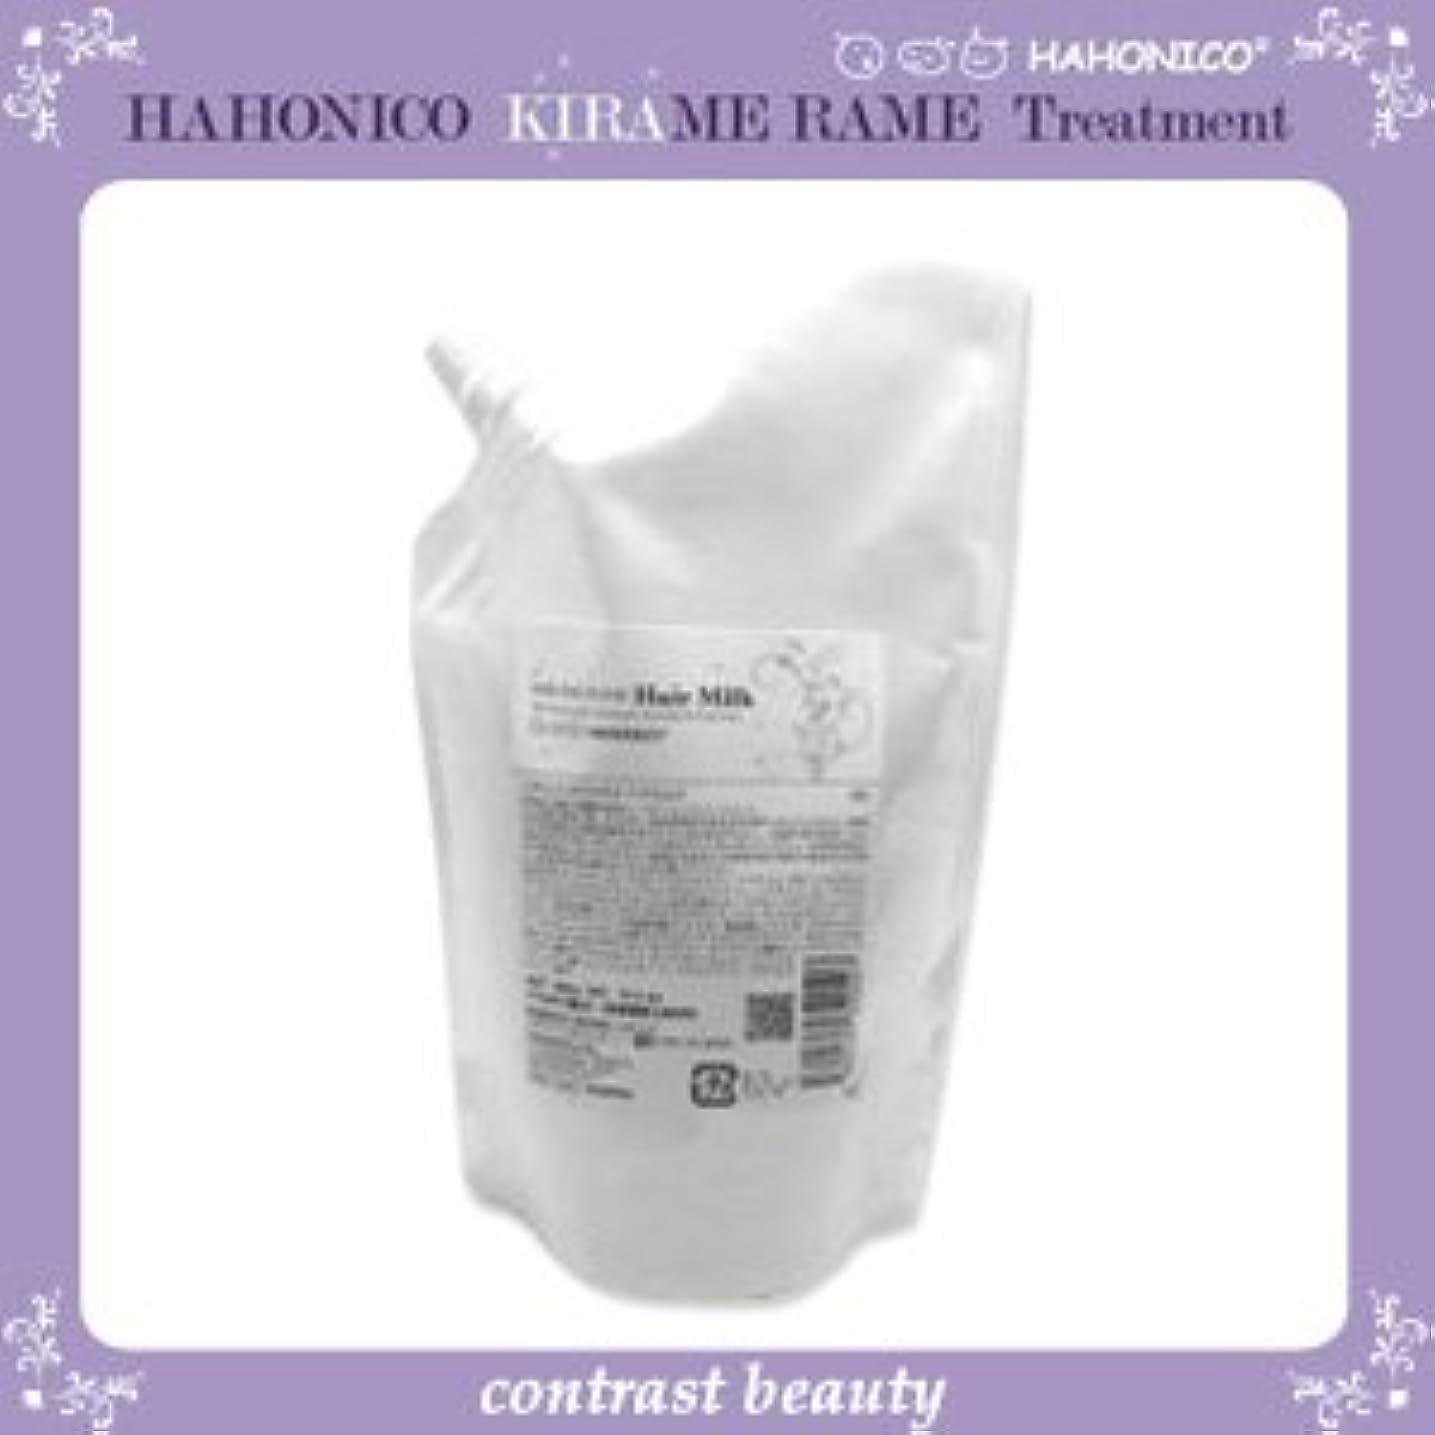 用心翻訳する好色な【X5個セット】 ハホニコ キラメラメ ヘアミルク 300g KIRAME RAME HAHONICO